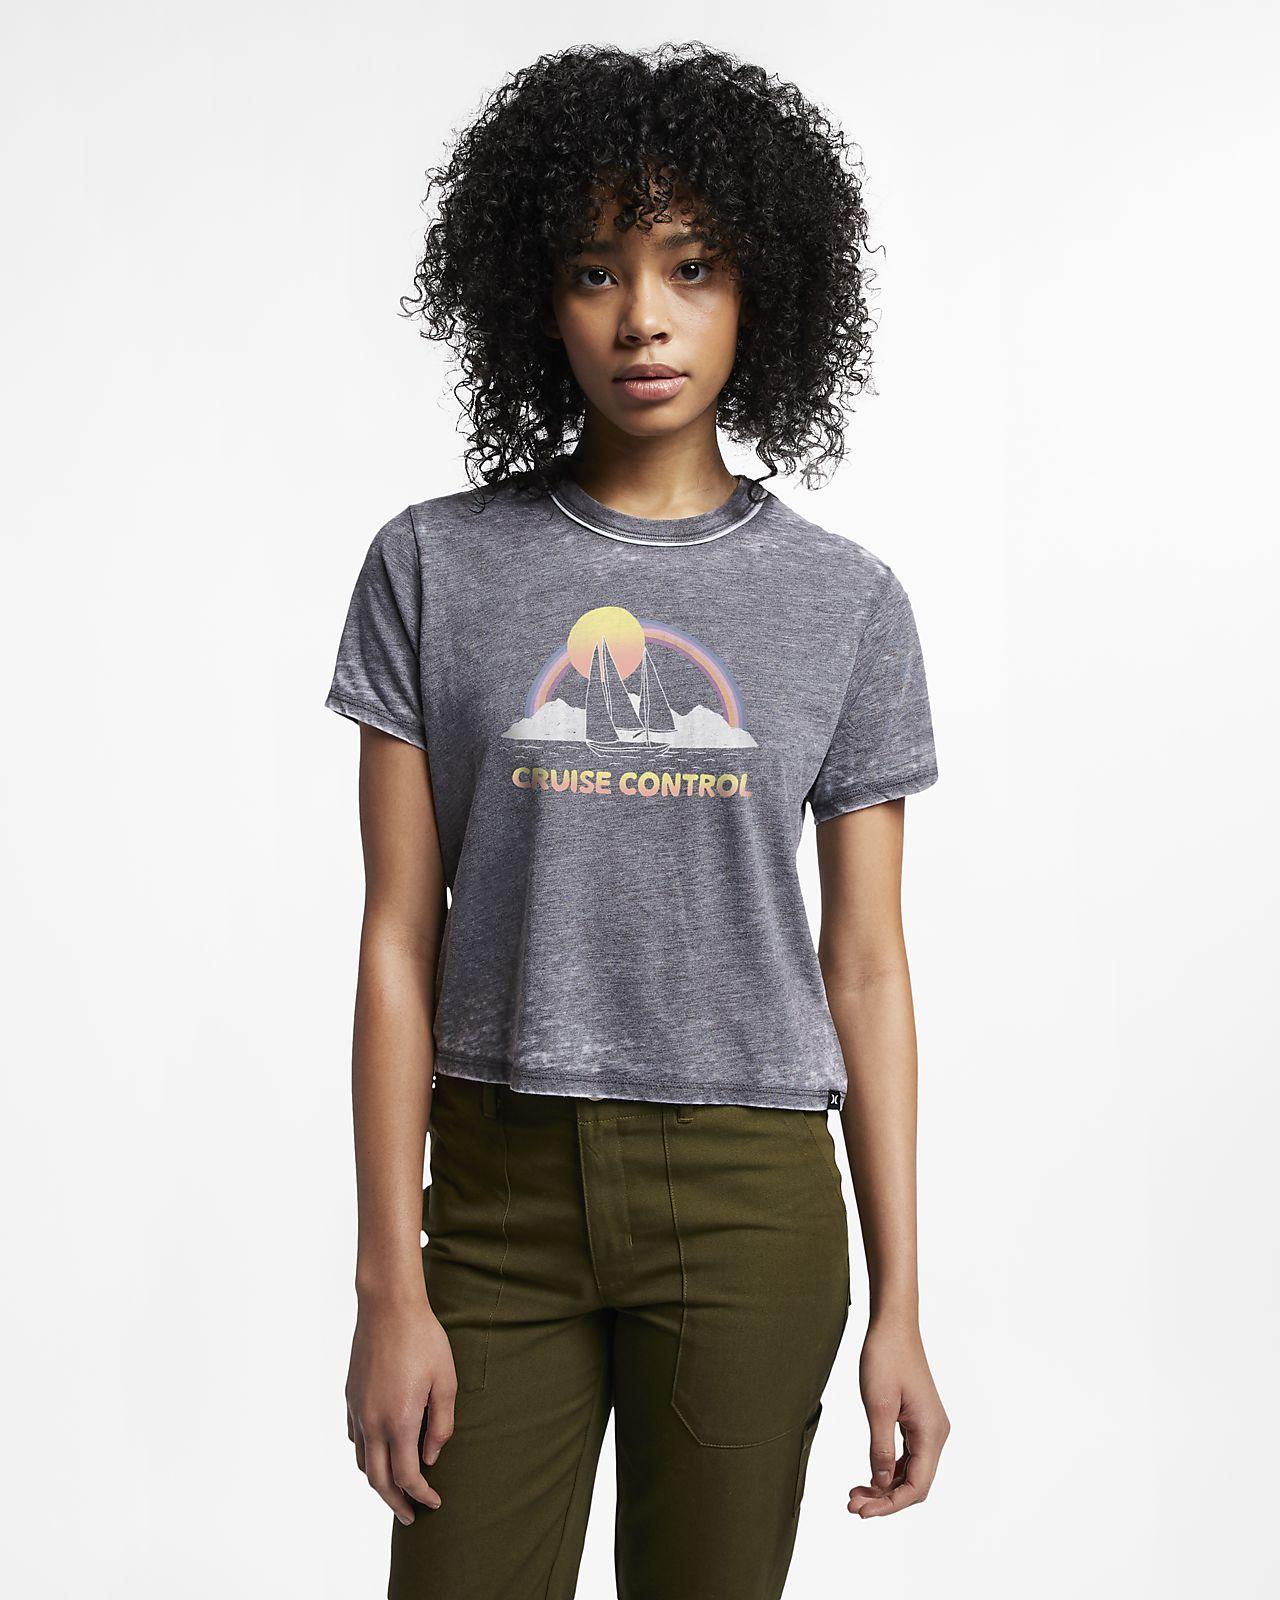 Hurley Cruise Control-T-shirt til kvinder